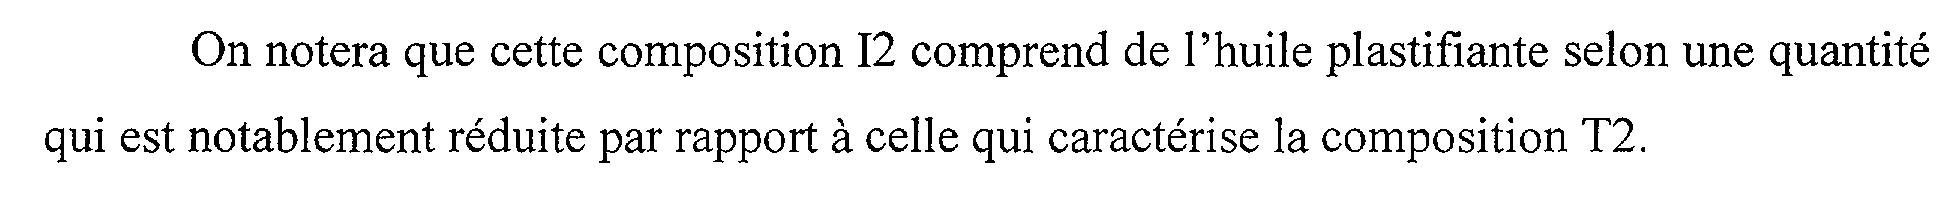 Figure img00220001